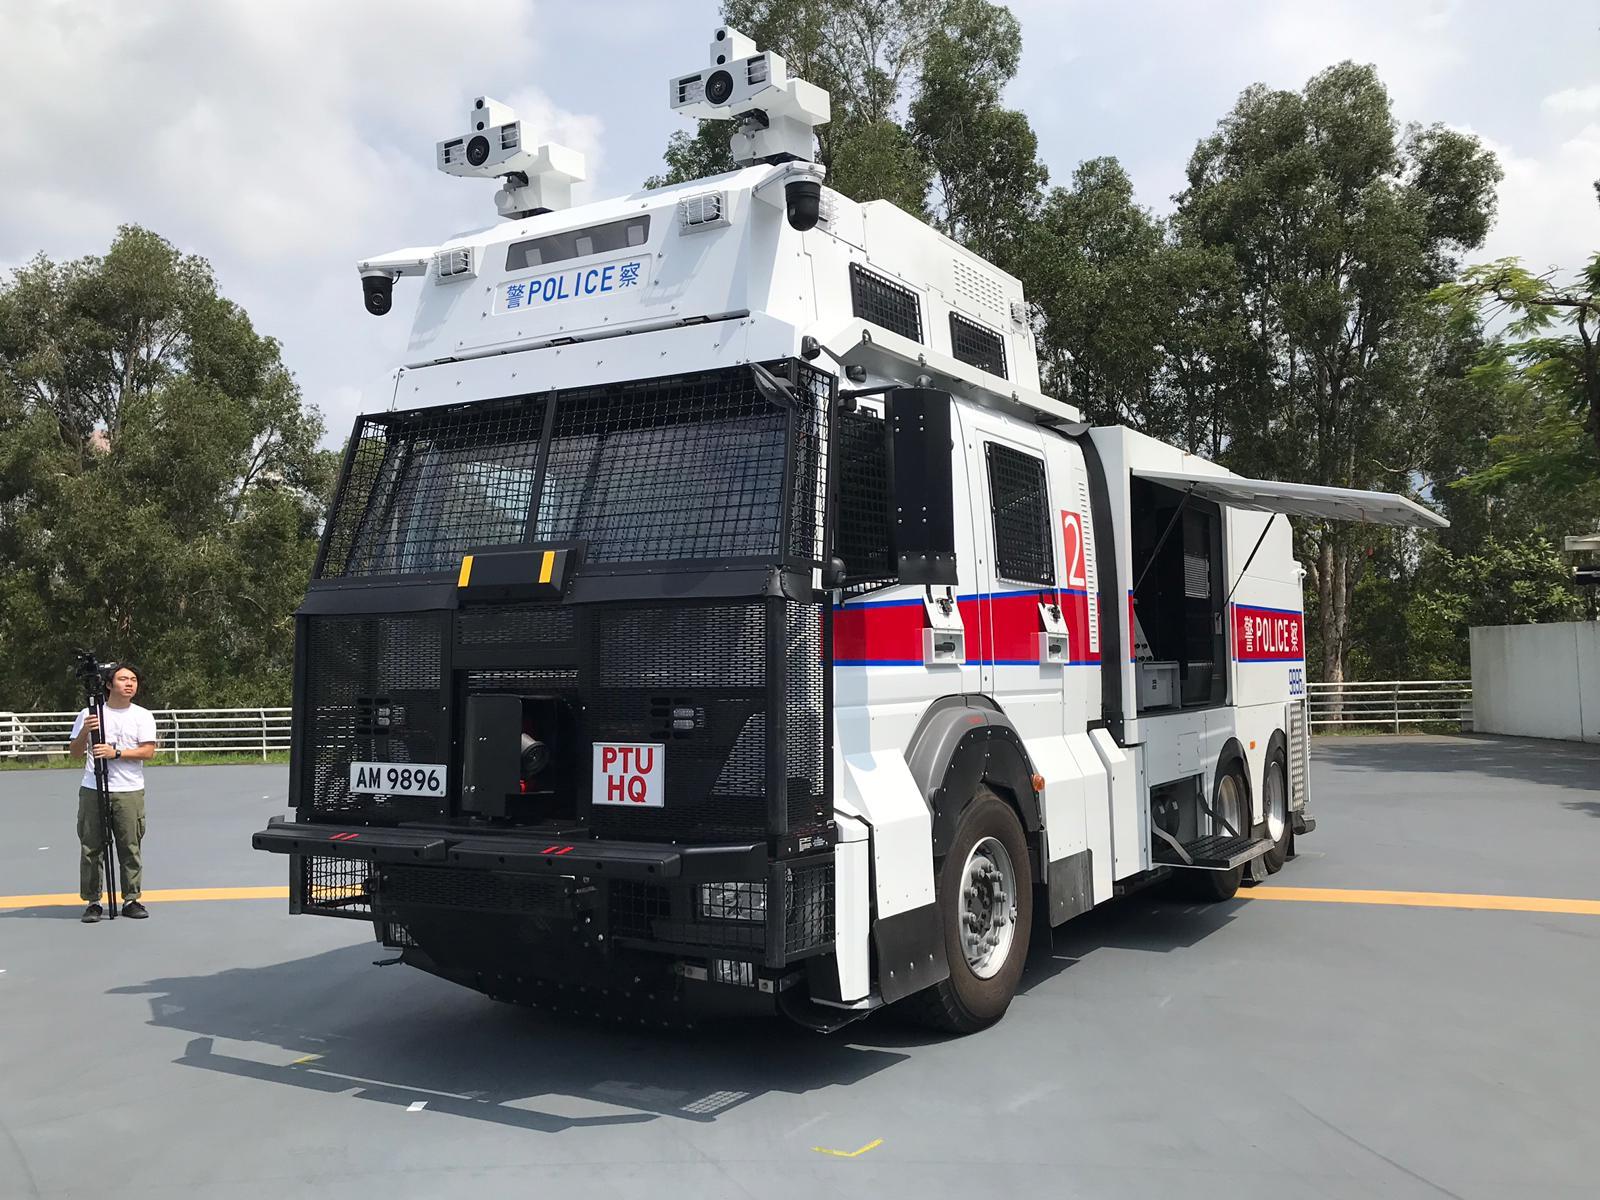 每部長8米、闊2.55米,車身配備兩個車頂噴水裝置、水箱及催淚溶劑儲水缸。